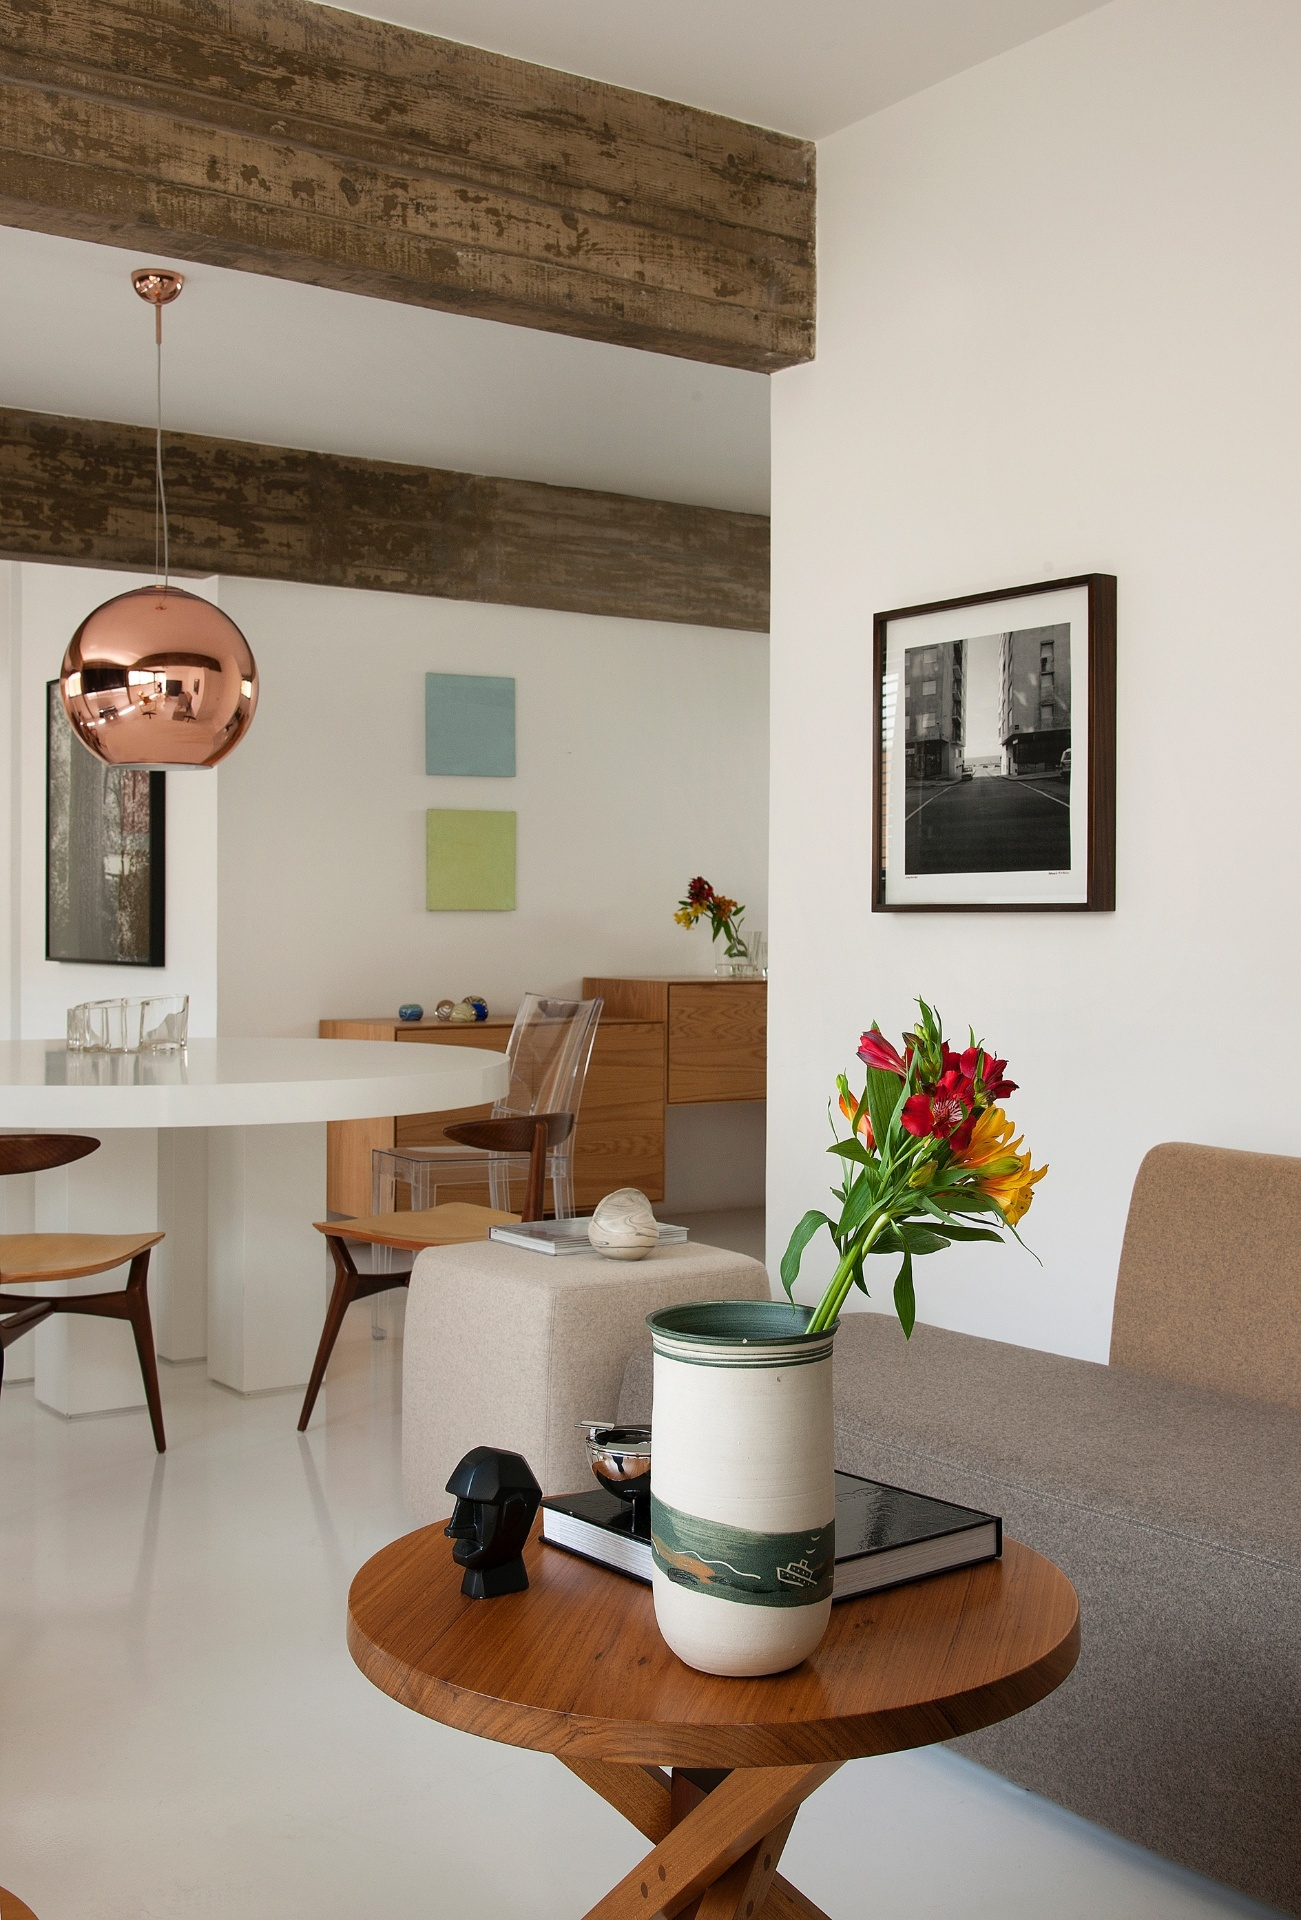 A mesa de centro de madeira é da Marcenaria Baraúna, comandada por Francisco Fanucci e Marcelo Ferraz (Brasil Arquitetura). O sofá Pedras (à dir.) é um sistema composto de pufes laterais, assento, encosto e braços modulares assinado pelos designers Luciana Martins e Gerso de Oliveira, do estúdio Ovo. O tecido escolhido é da dinamarquesa Kvadrat. O projeto de reforma e decoração do apê Itaim é de Marcos Bertoldi